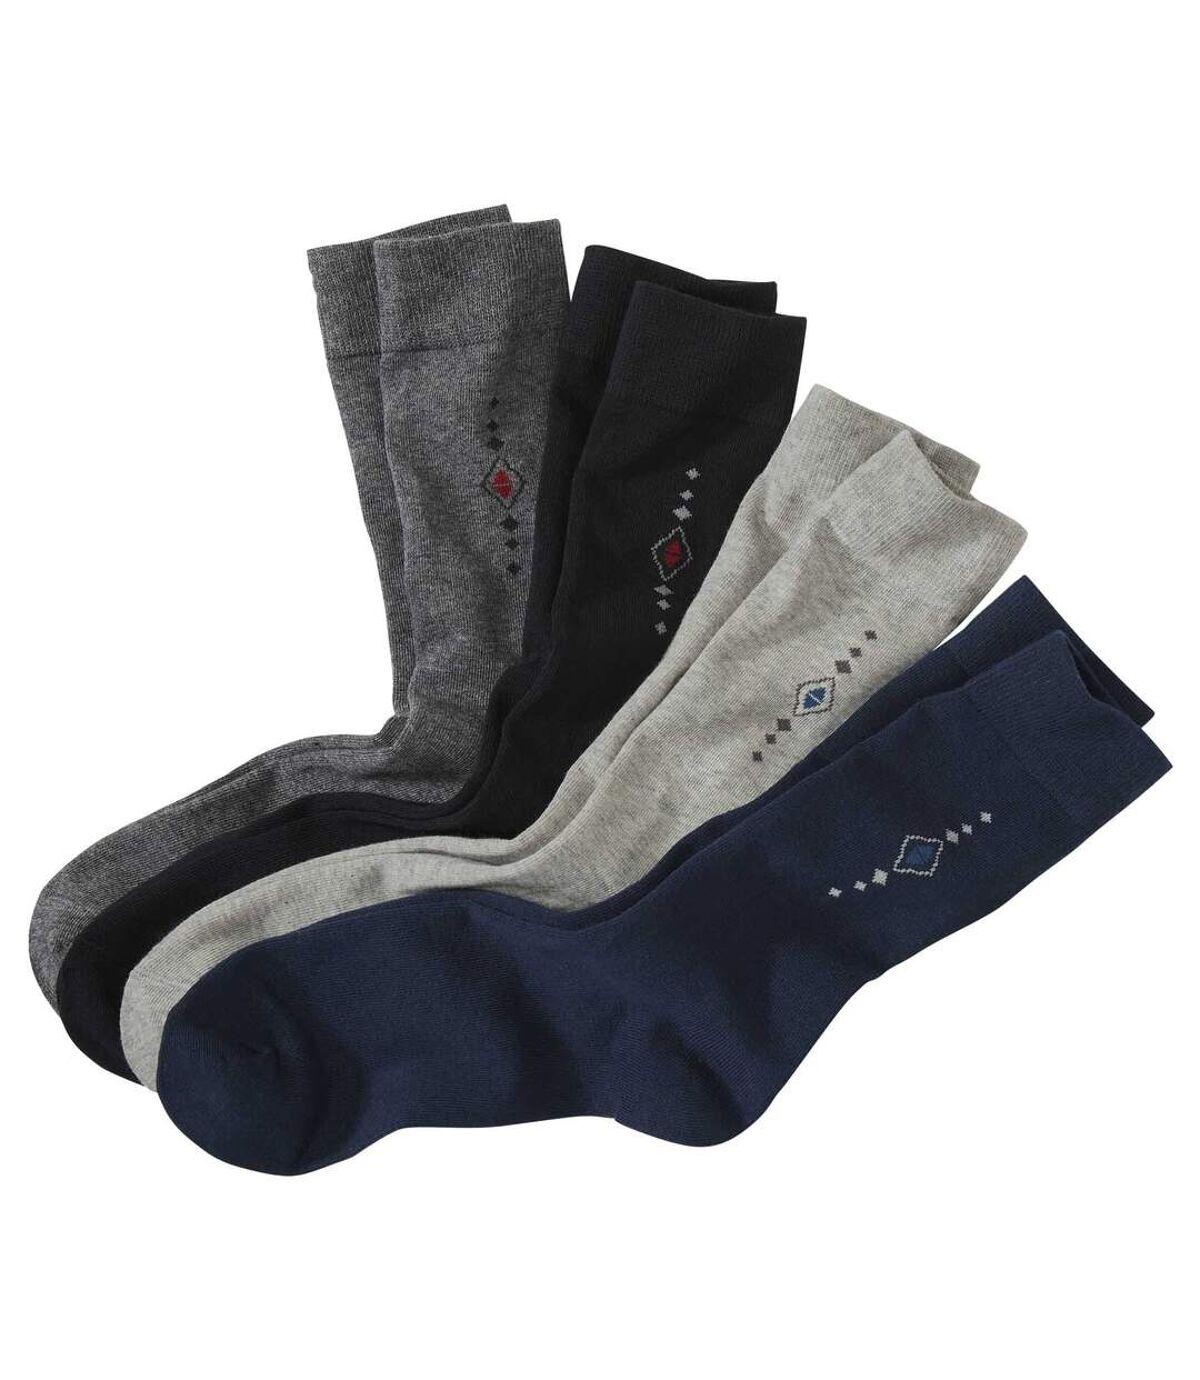 Pack of 4 Men's Pairs of Patterned Socks Atlas For Men